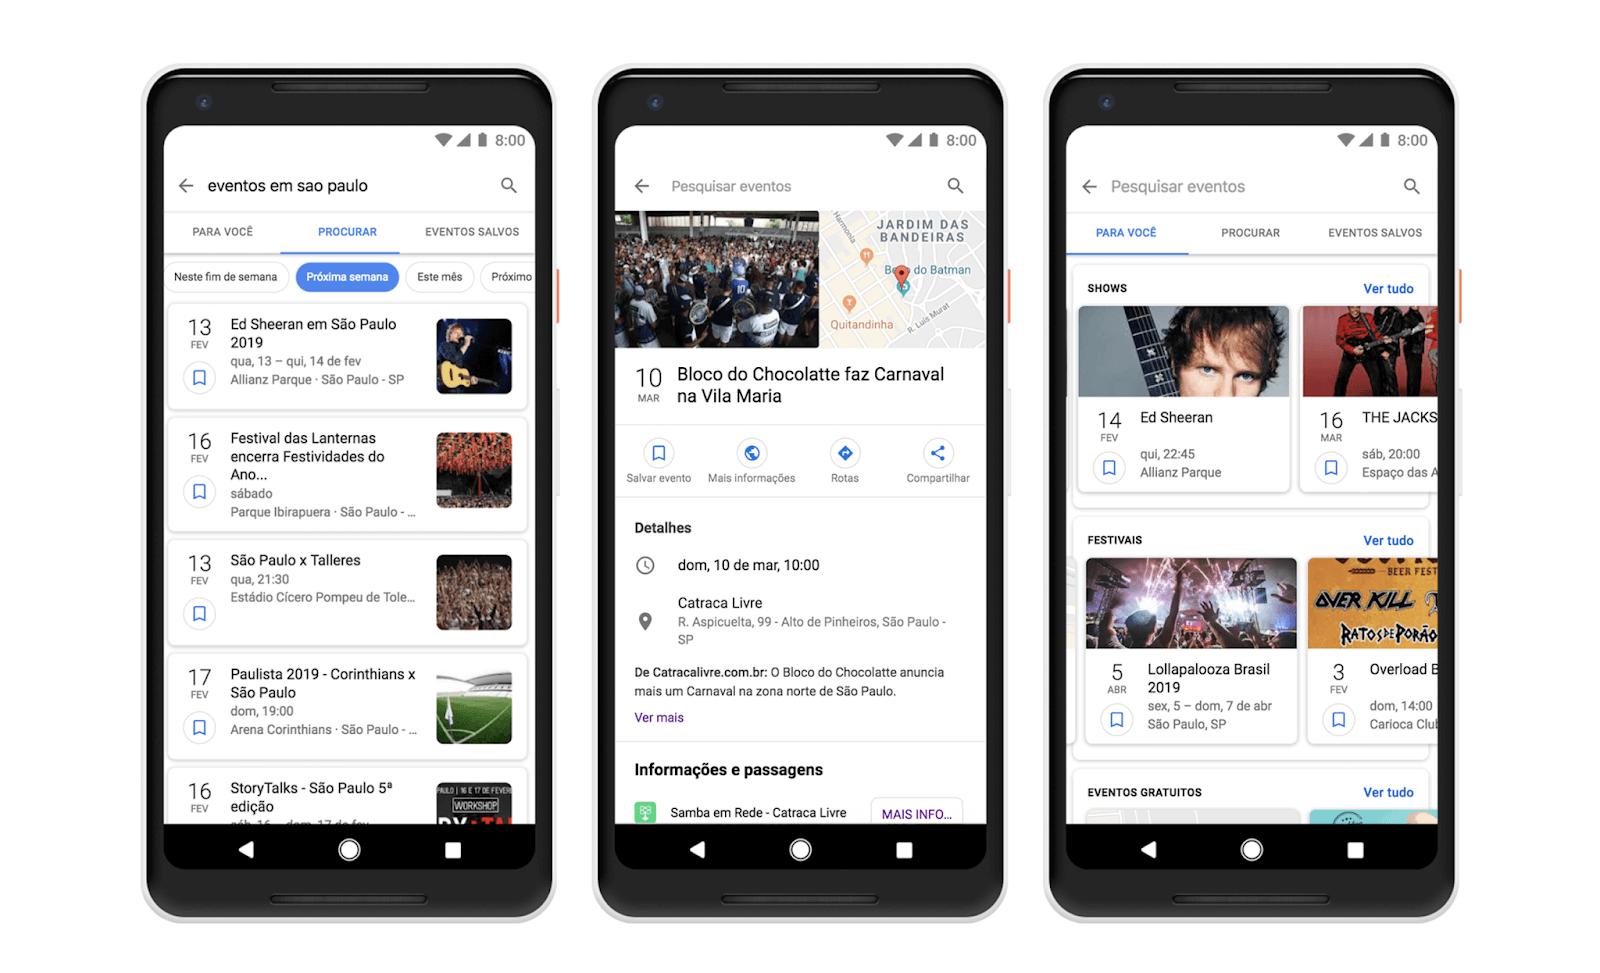 Eventos e atividades na busca do Google